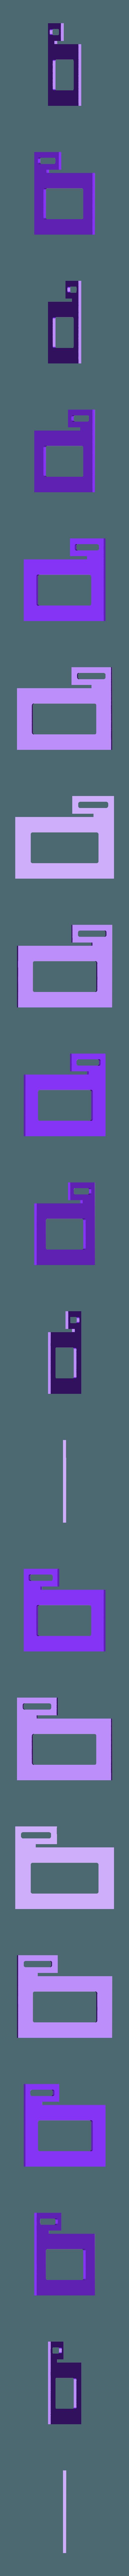 Frame_D.STL Télécharger fichier STL gratuit Nettoyant pour panne à souder • Modèle à imprimer en 3D, perinski